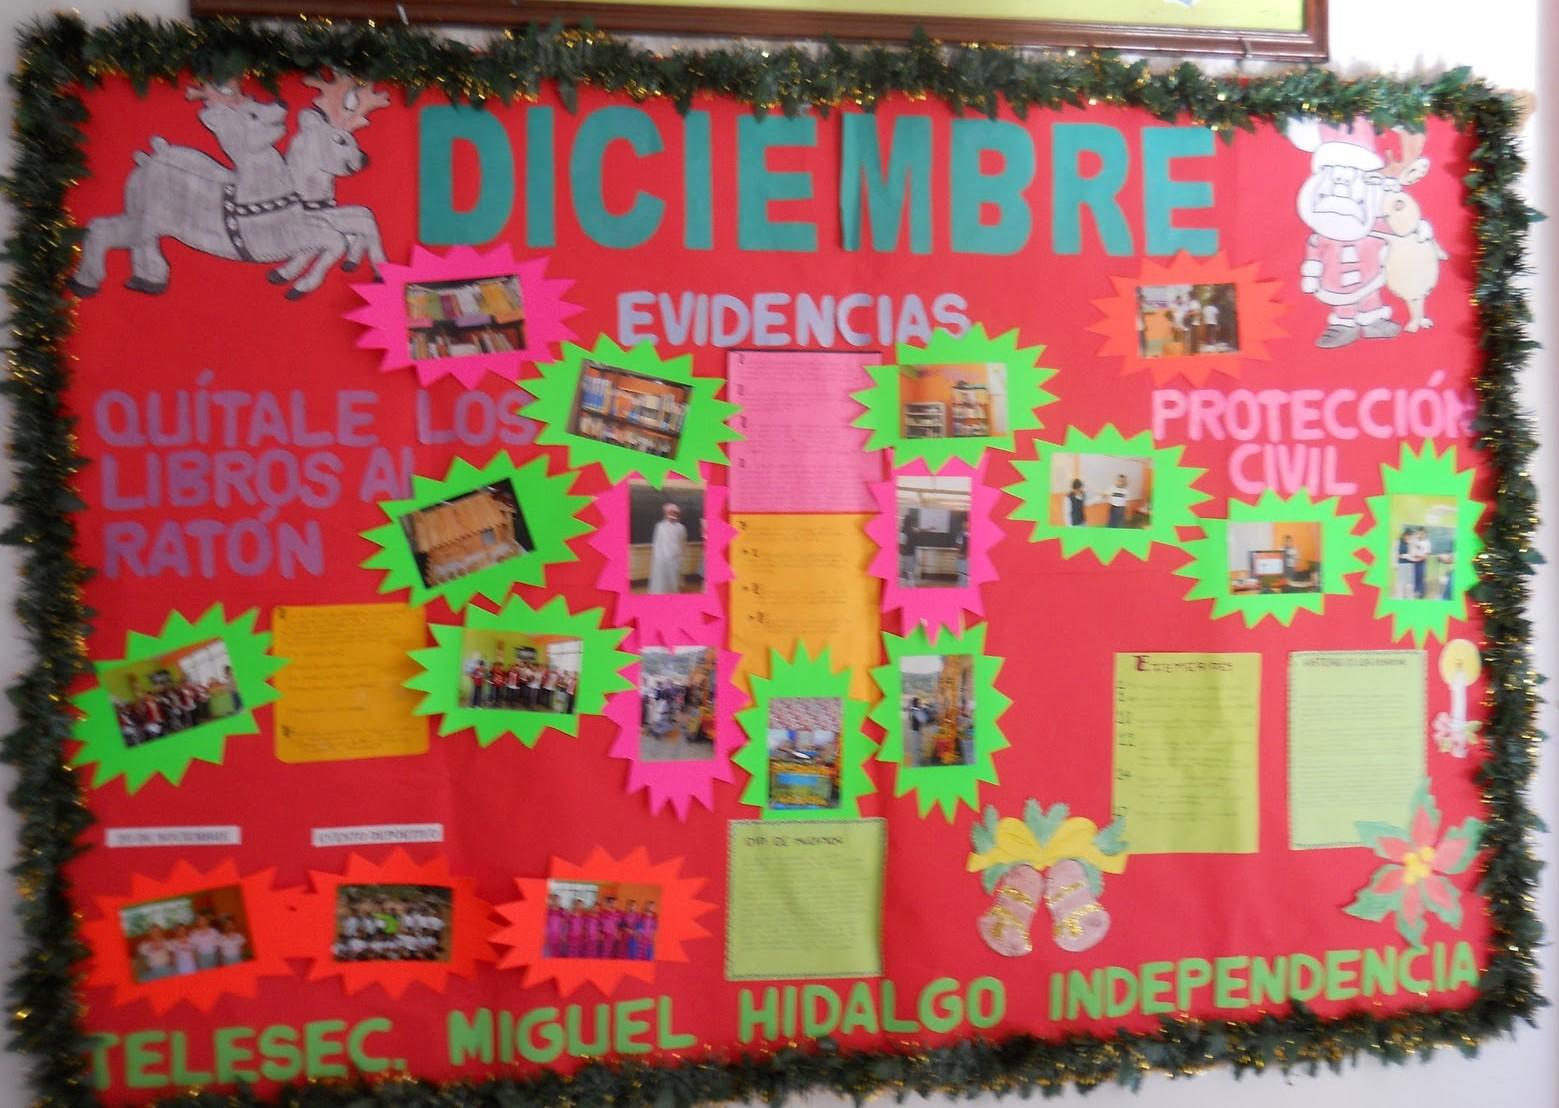 Periodico mural diciembre 6 imagenes educativas for Como elaborar un periodico mural